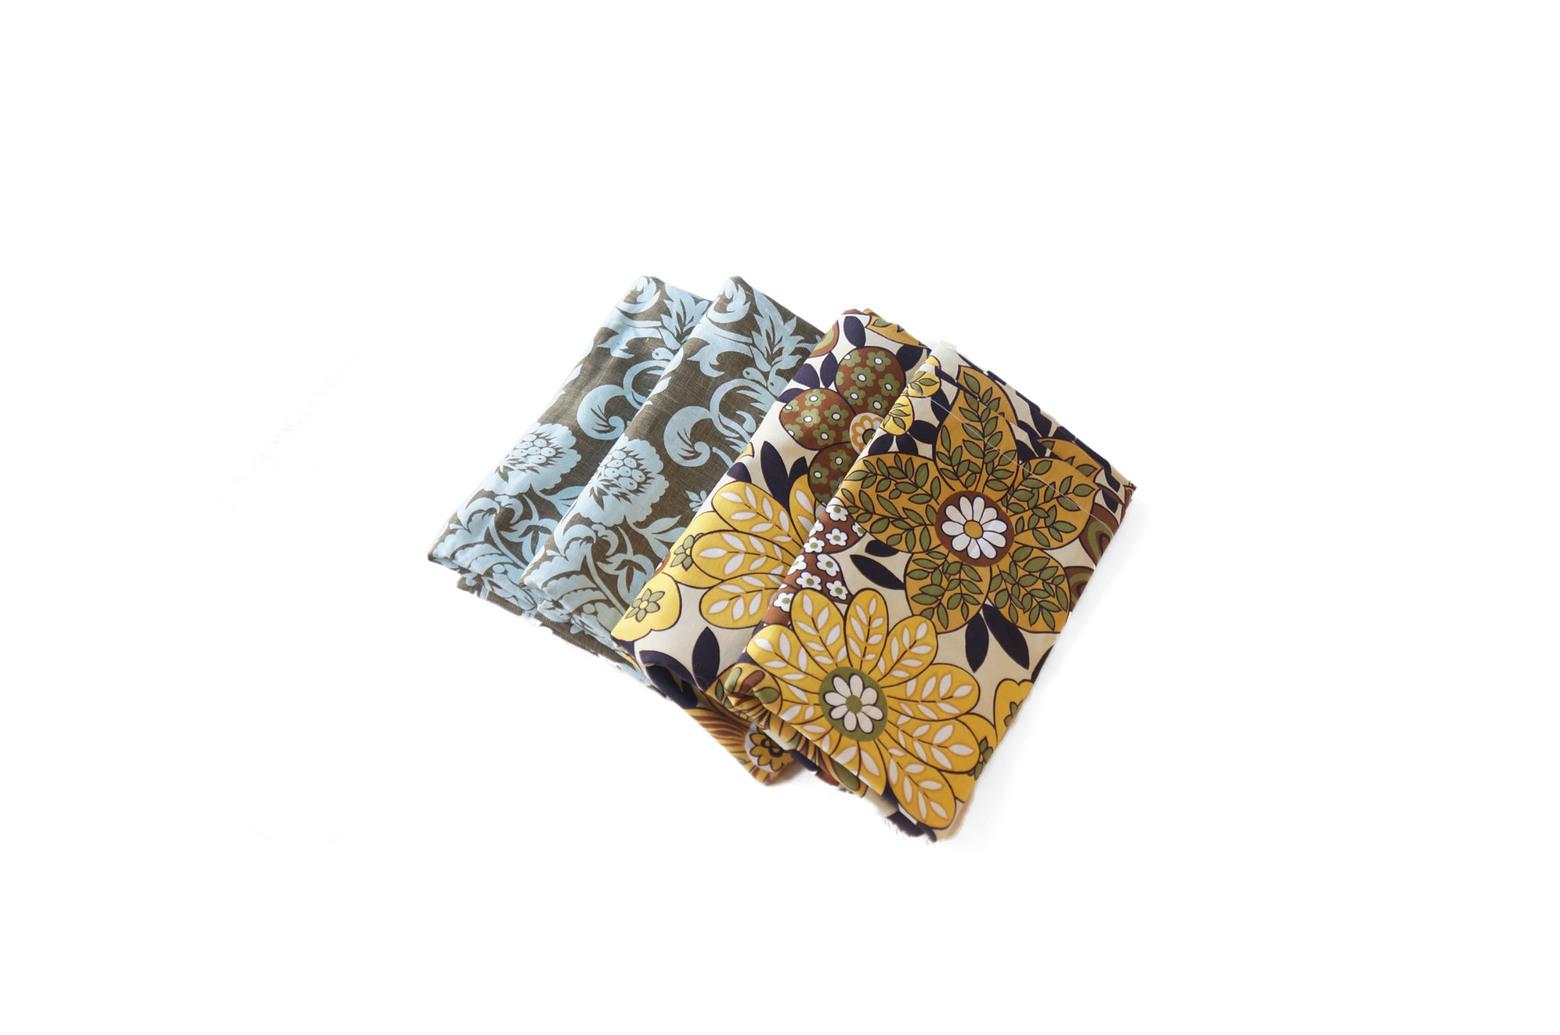 American Retro Fabric/アメリカンファブリック レトロ 布 カーテン クロス キルト ハンドメイド インテリア